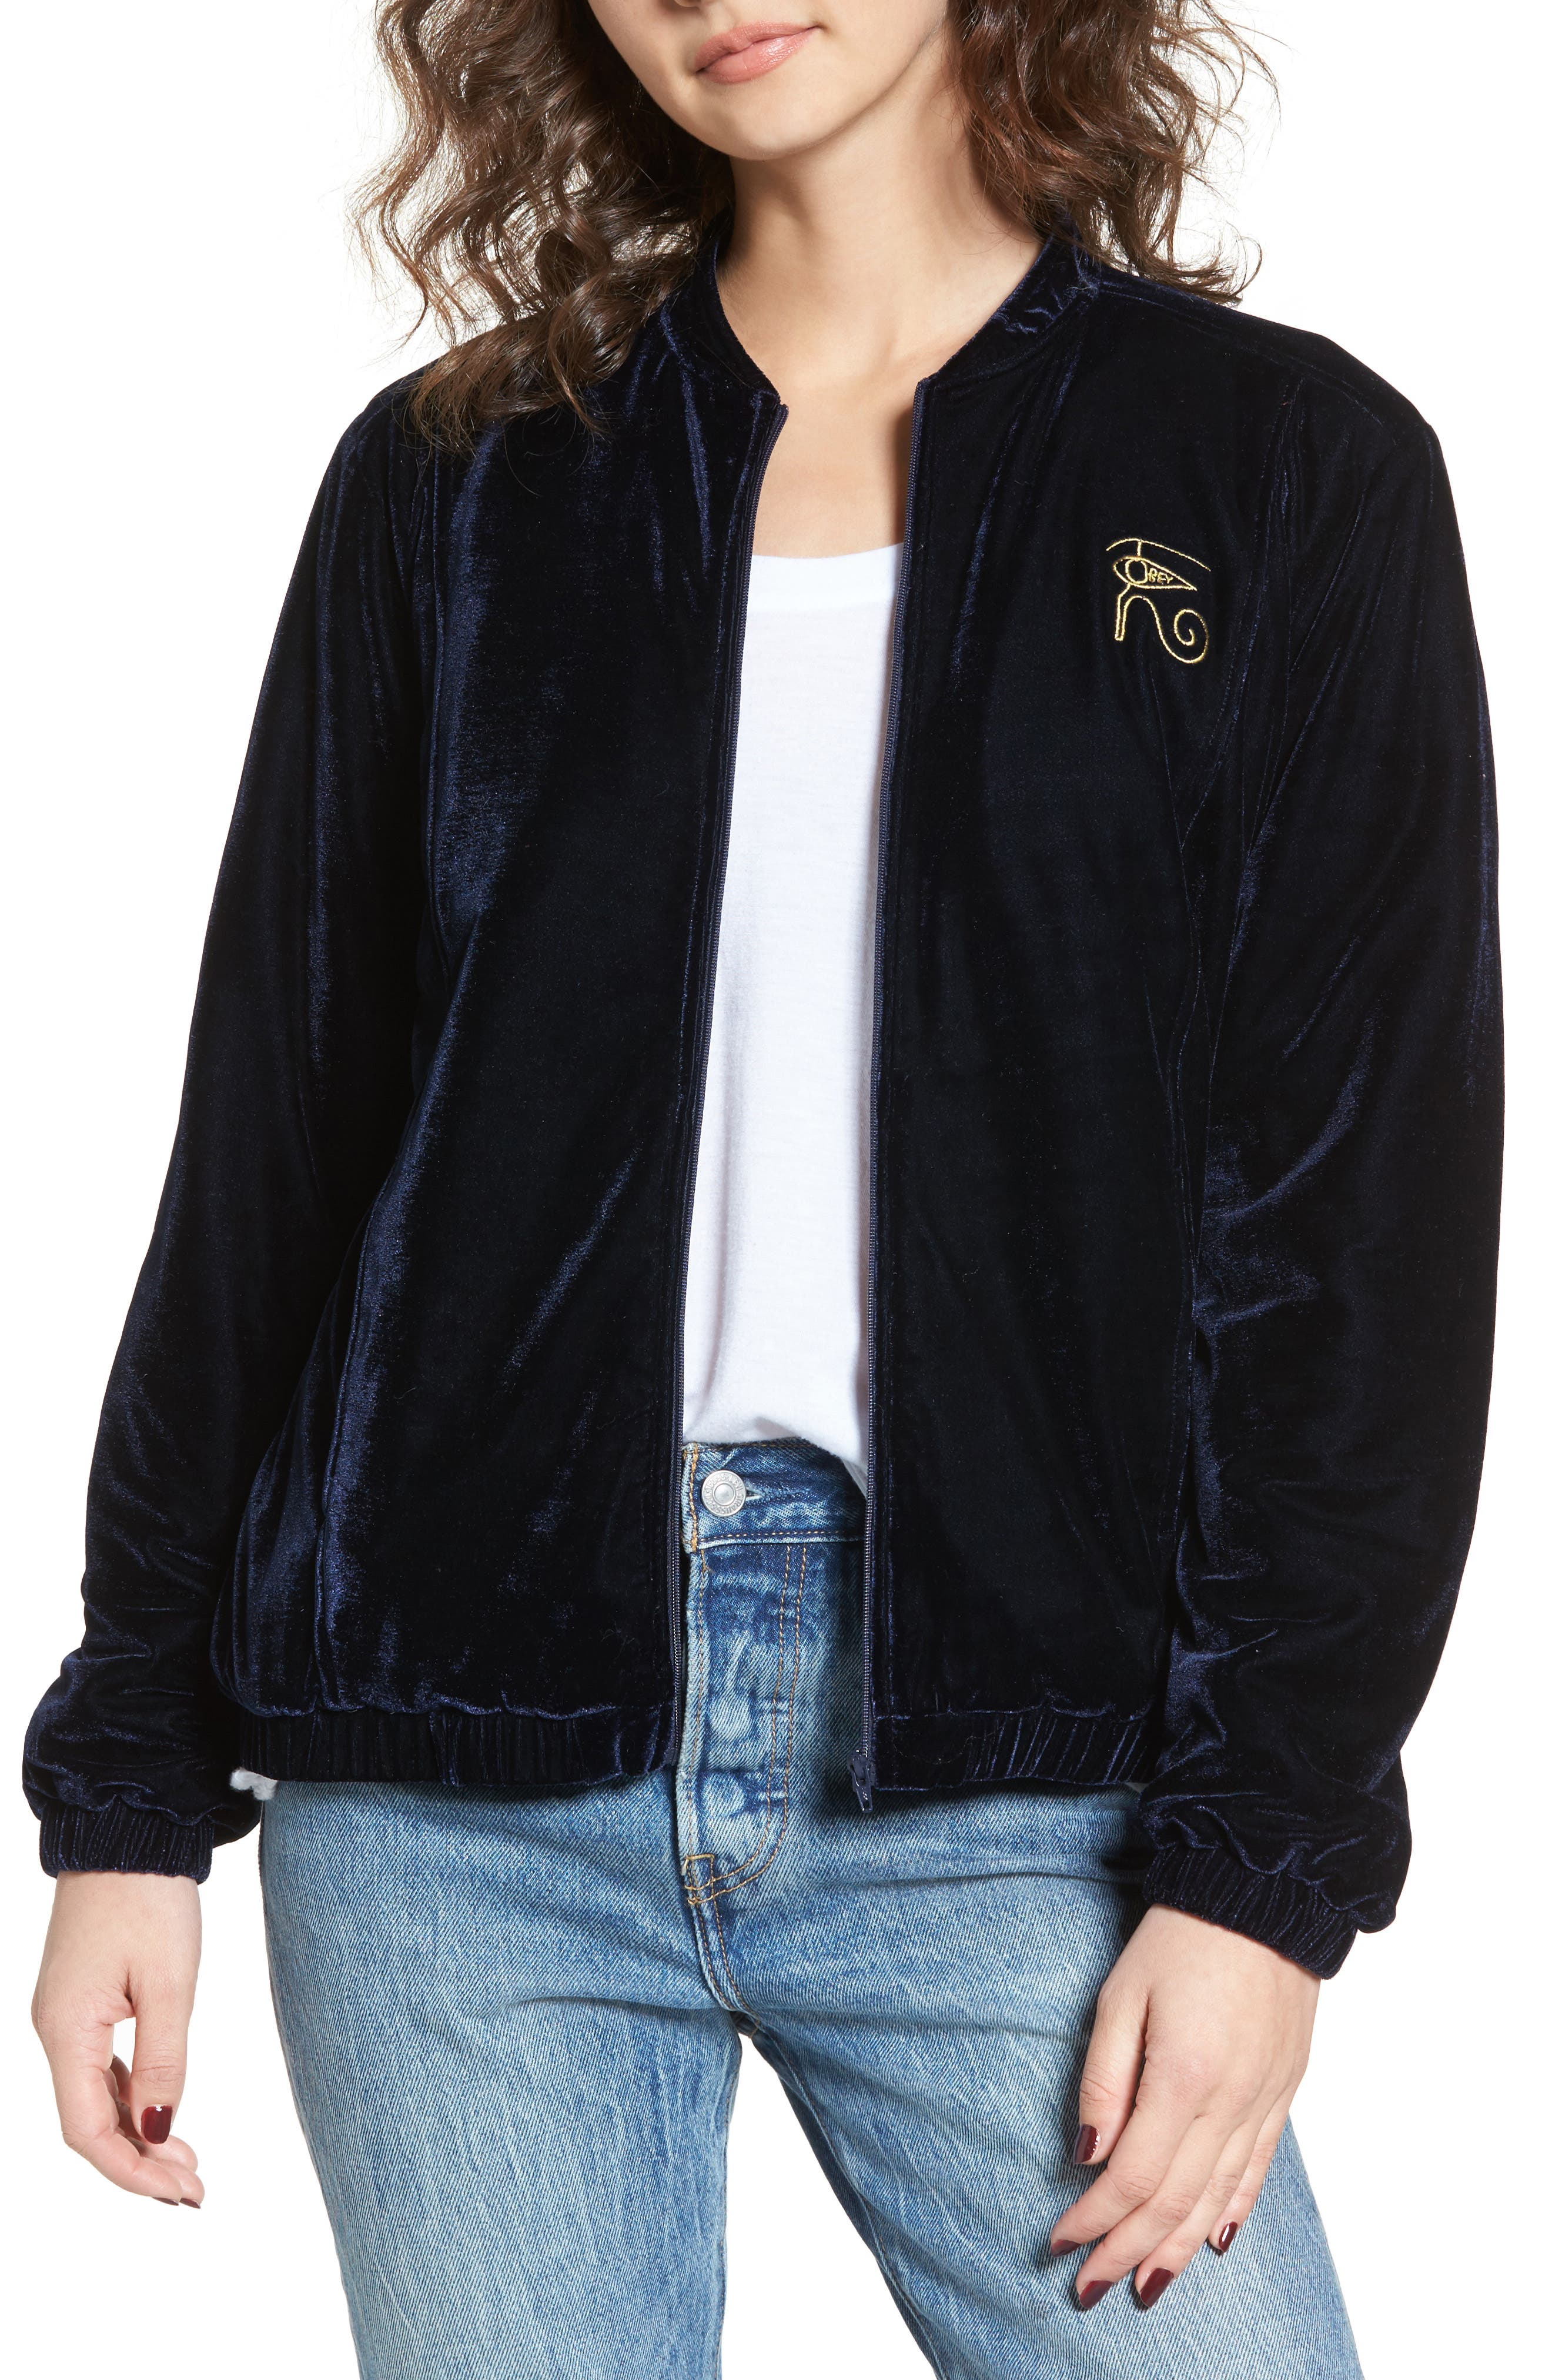 Obey Spades Velvet Jacket